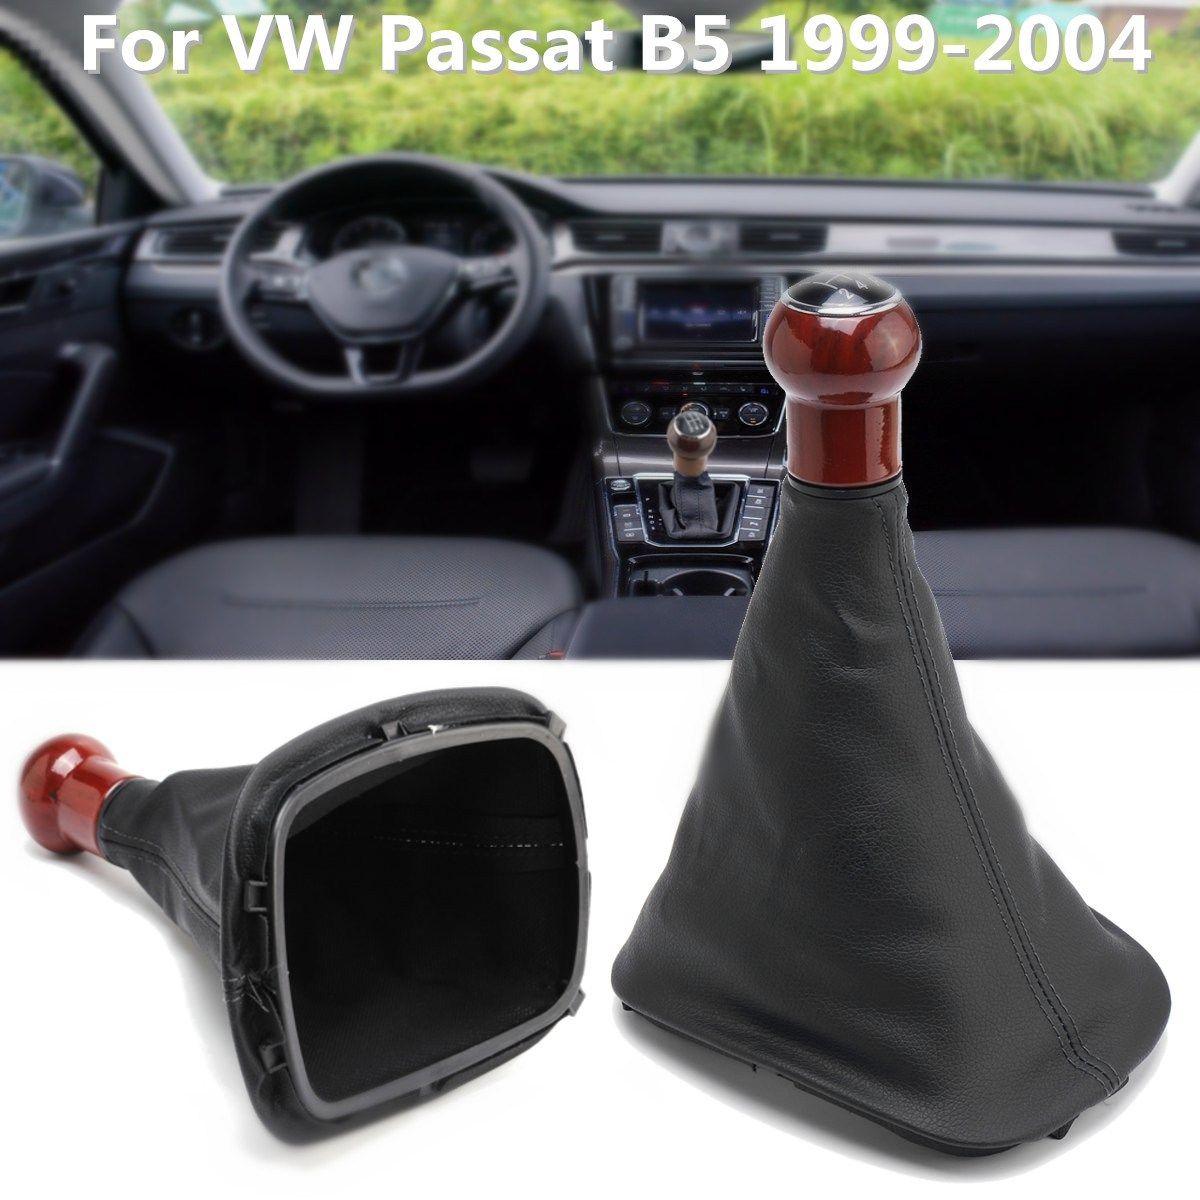 5 Speed Shifter Schaltknauf Gamasche Boot Abdeckung Für VW Passat B5 Golf JETTA 1999-2004